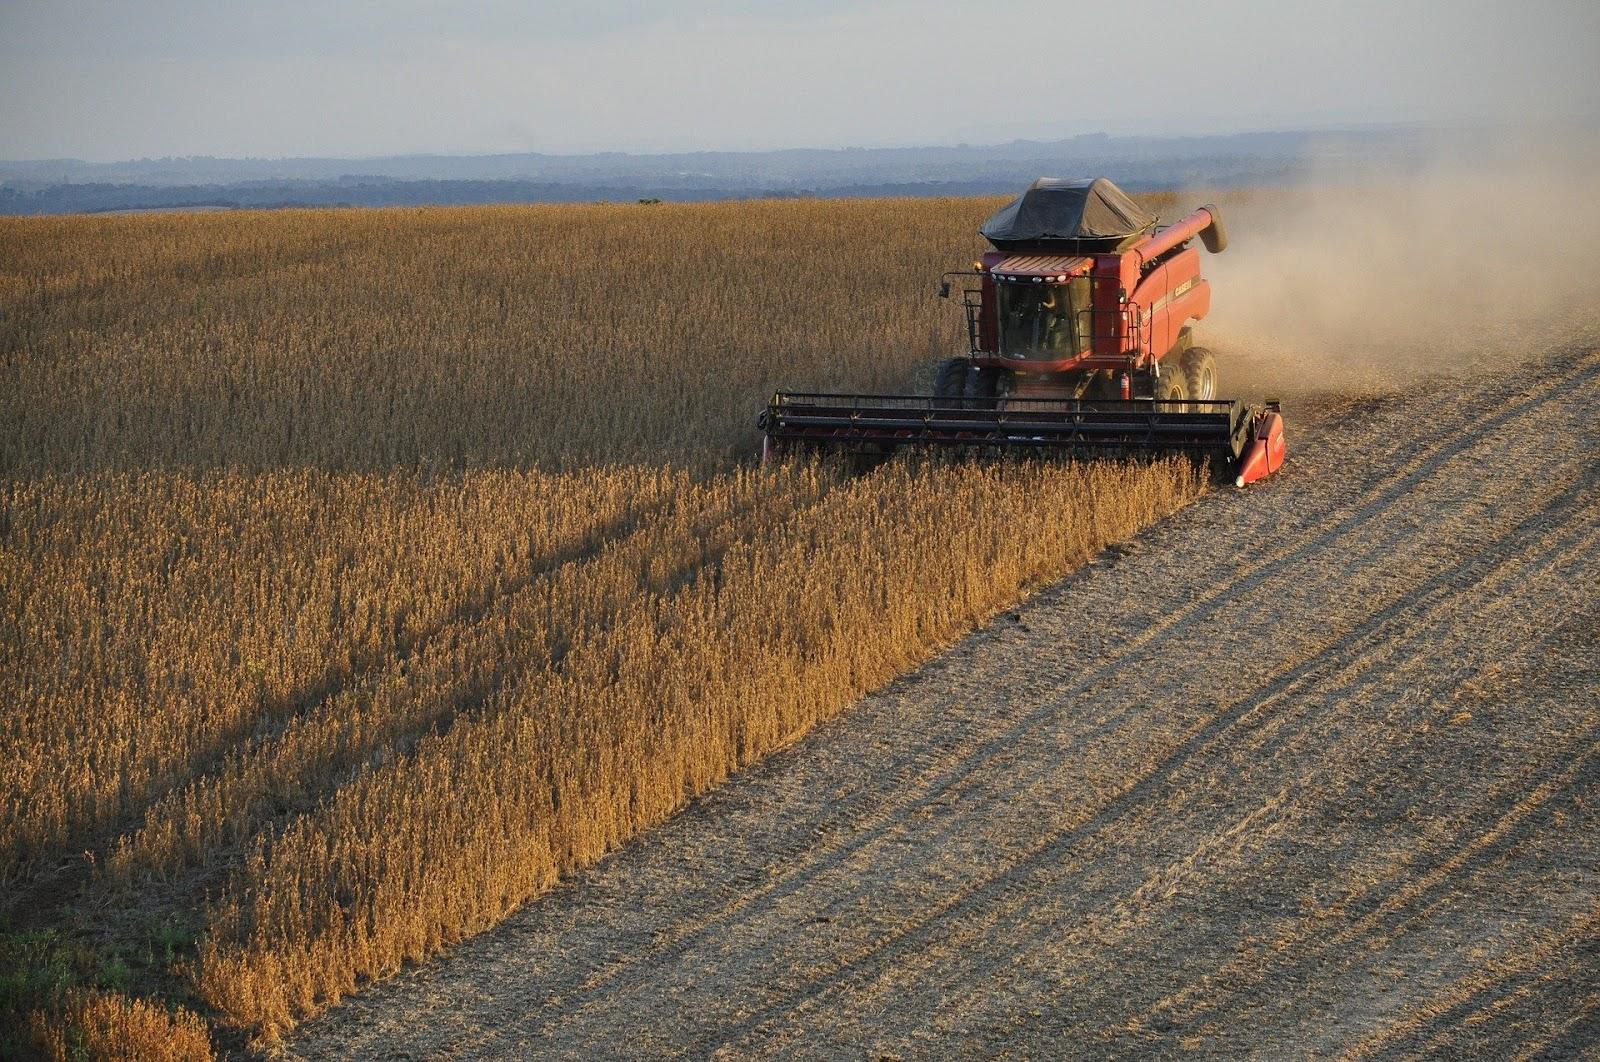 China foi destino de 73% da soja exportada brasileira (Fonte: Pixabay)